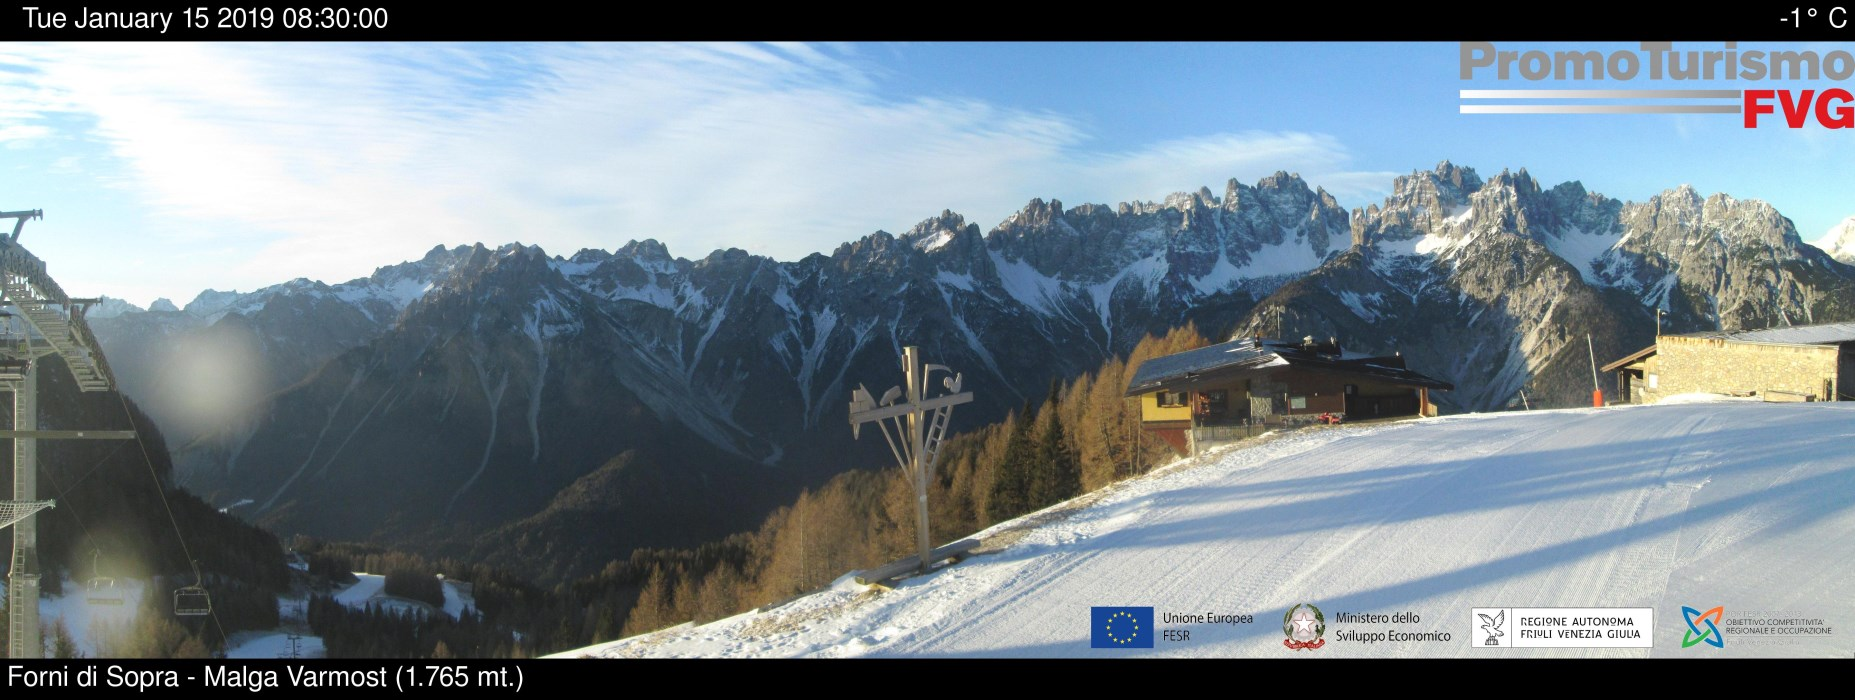 Webcam panoramica Malga Varmost - Forni di Sopra